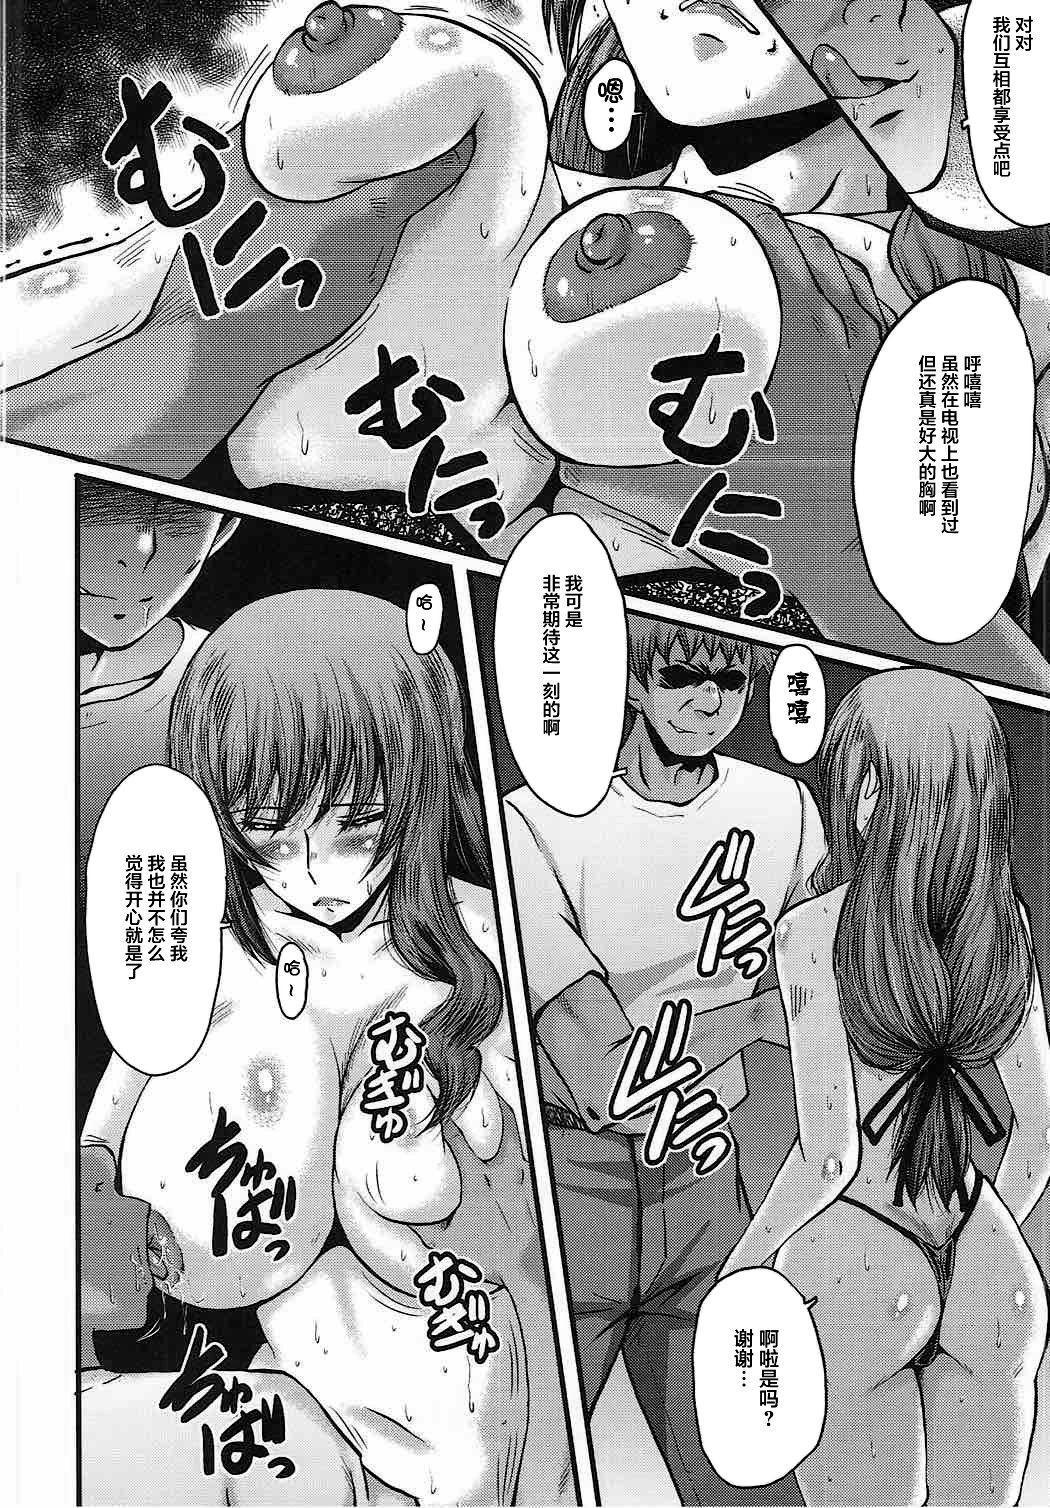 Urabambi Vol. 55 Yuukan Madam no Shiroi Niku 4